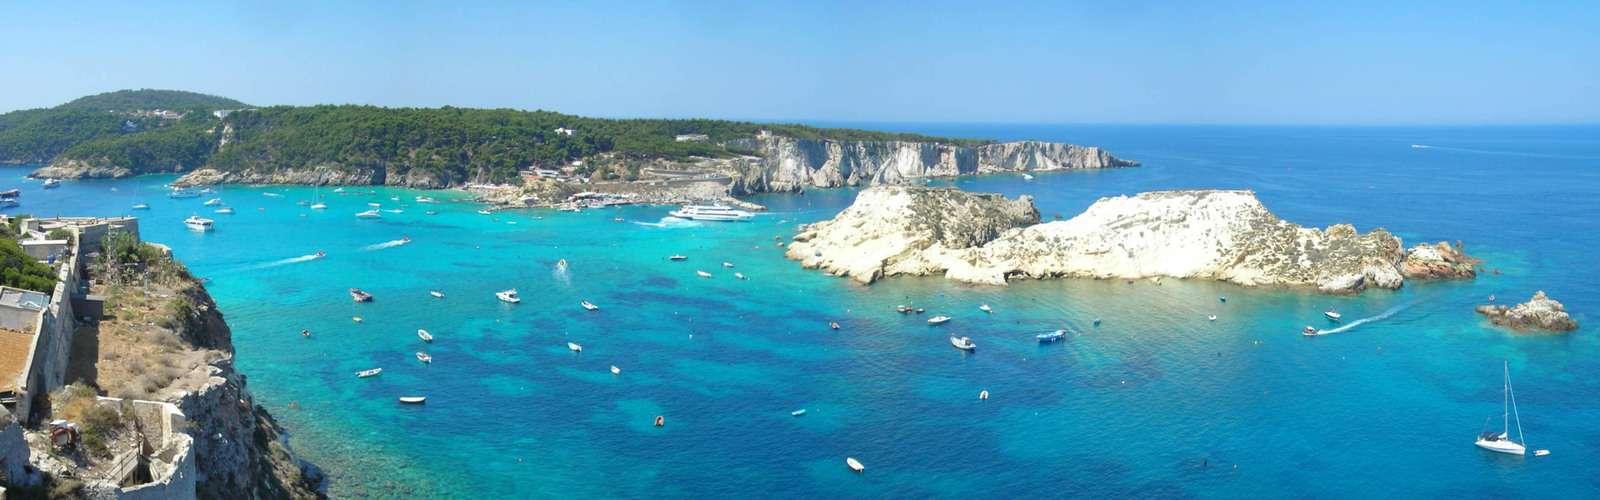 Swimming Holidays Tremiti Islands Italy SwimTrek